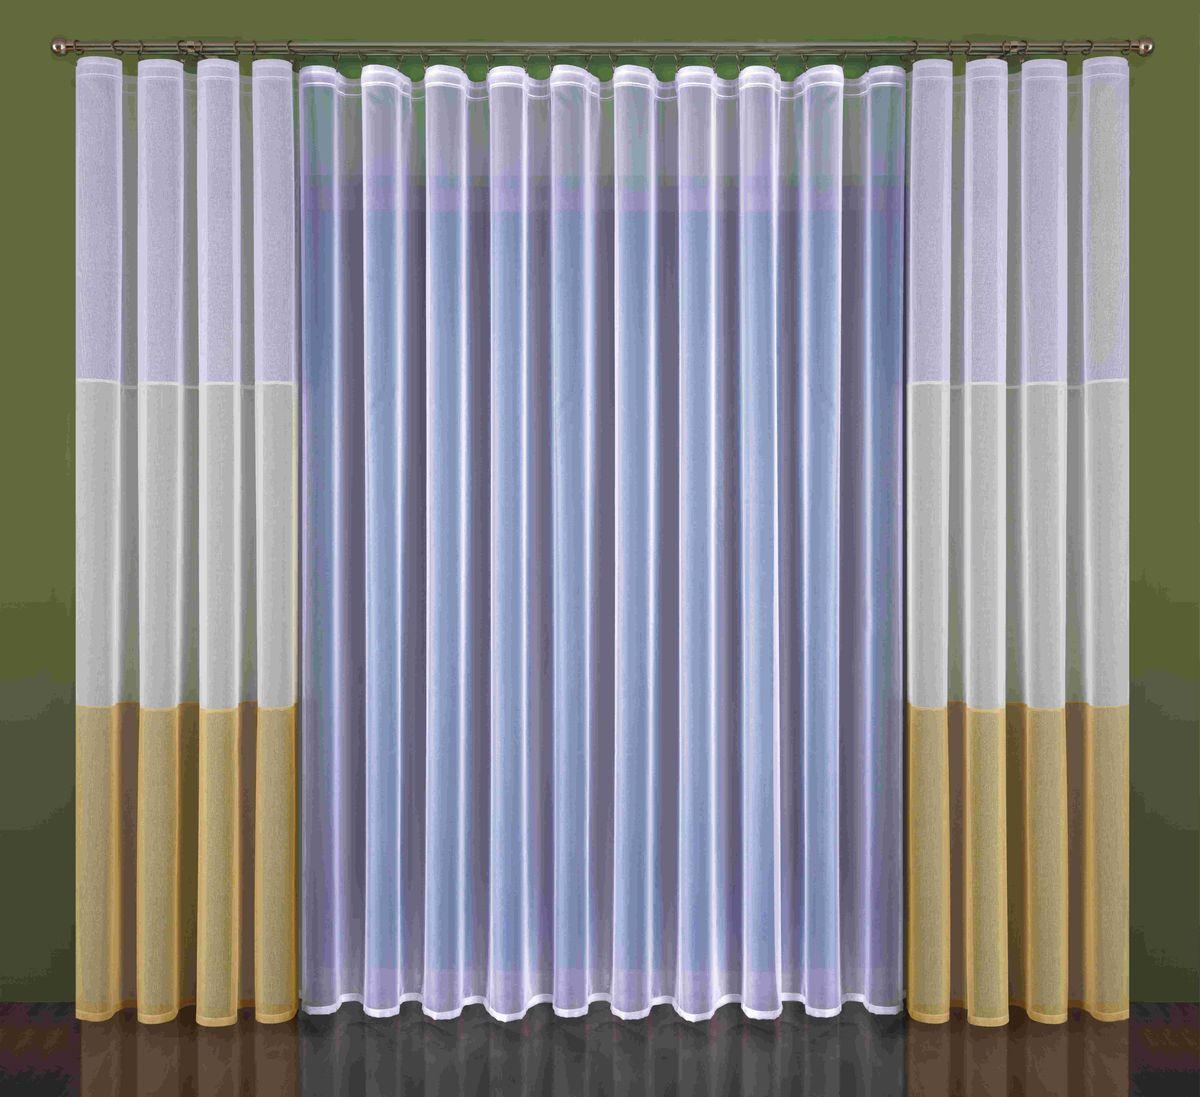 Комплект штор Wisan Kleonia, на ленте, цвет: белый, бежевый, высота 250 см619АКомплект штор Wisan Kleonia выполненный из полиэстера, великолепно украсит любое окно. В комплект входят 2 шторы и плотный тюль.Оригинальный дизайн придает комплекту особый стиль и шарм. Качественный материал и тонкое плетение, нежная цветовая гамма и роскошное исполнение - все это делает шторы Wisan Kleonia замечательным дополнением интерьера помещения.Комплект оснащен шторной лентой для красивой сборки. В комплект входит: Тюль - 1 шт. Размер (ШхВ): 500 см х 250 см.Штора - 2 шт. Размер (ШхВ): 140 см х 250 см. Фирма Wisan на польском рынке существует уже более пятидесяти лет и является одной из лучших польских фабрик по производству штор и тканей. Ассортимент фирмы представлен готовыми комплектами штор для гостиной, детской, кухни, а также текстилем для кухни (скатерти, салфетки, дорожки, кухонные занавески). Модельный ряд отличает оригинальный дизайн, высокое качество. Ассортимент продукции постоянно пополняется.